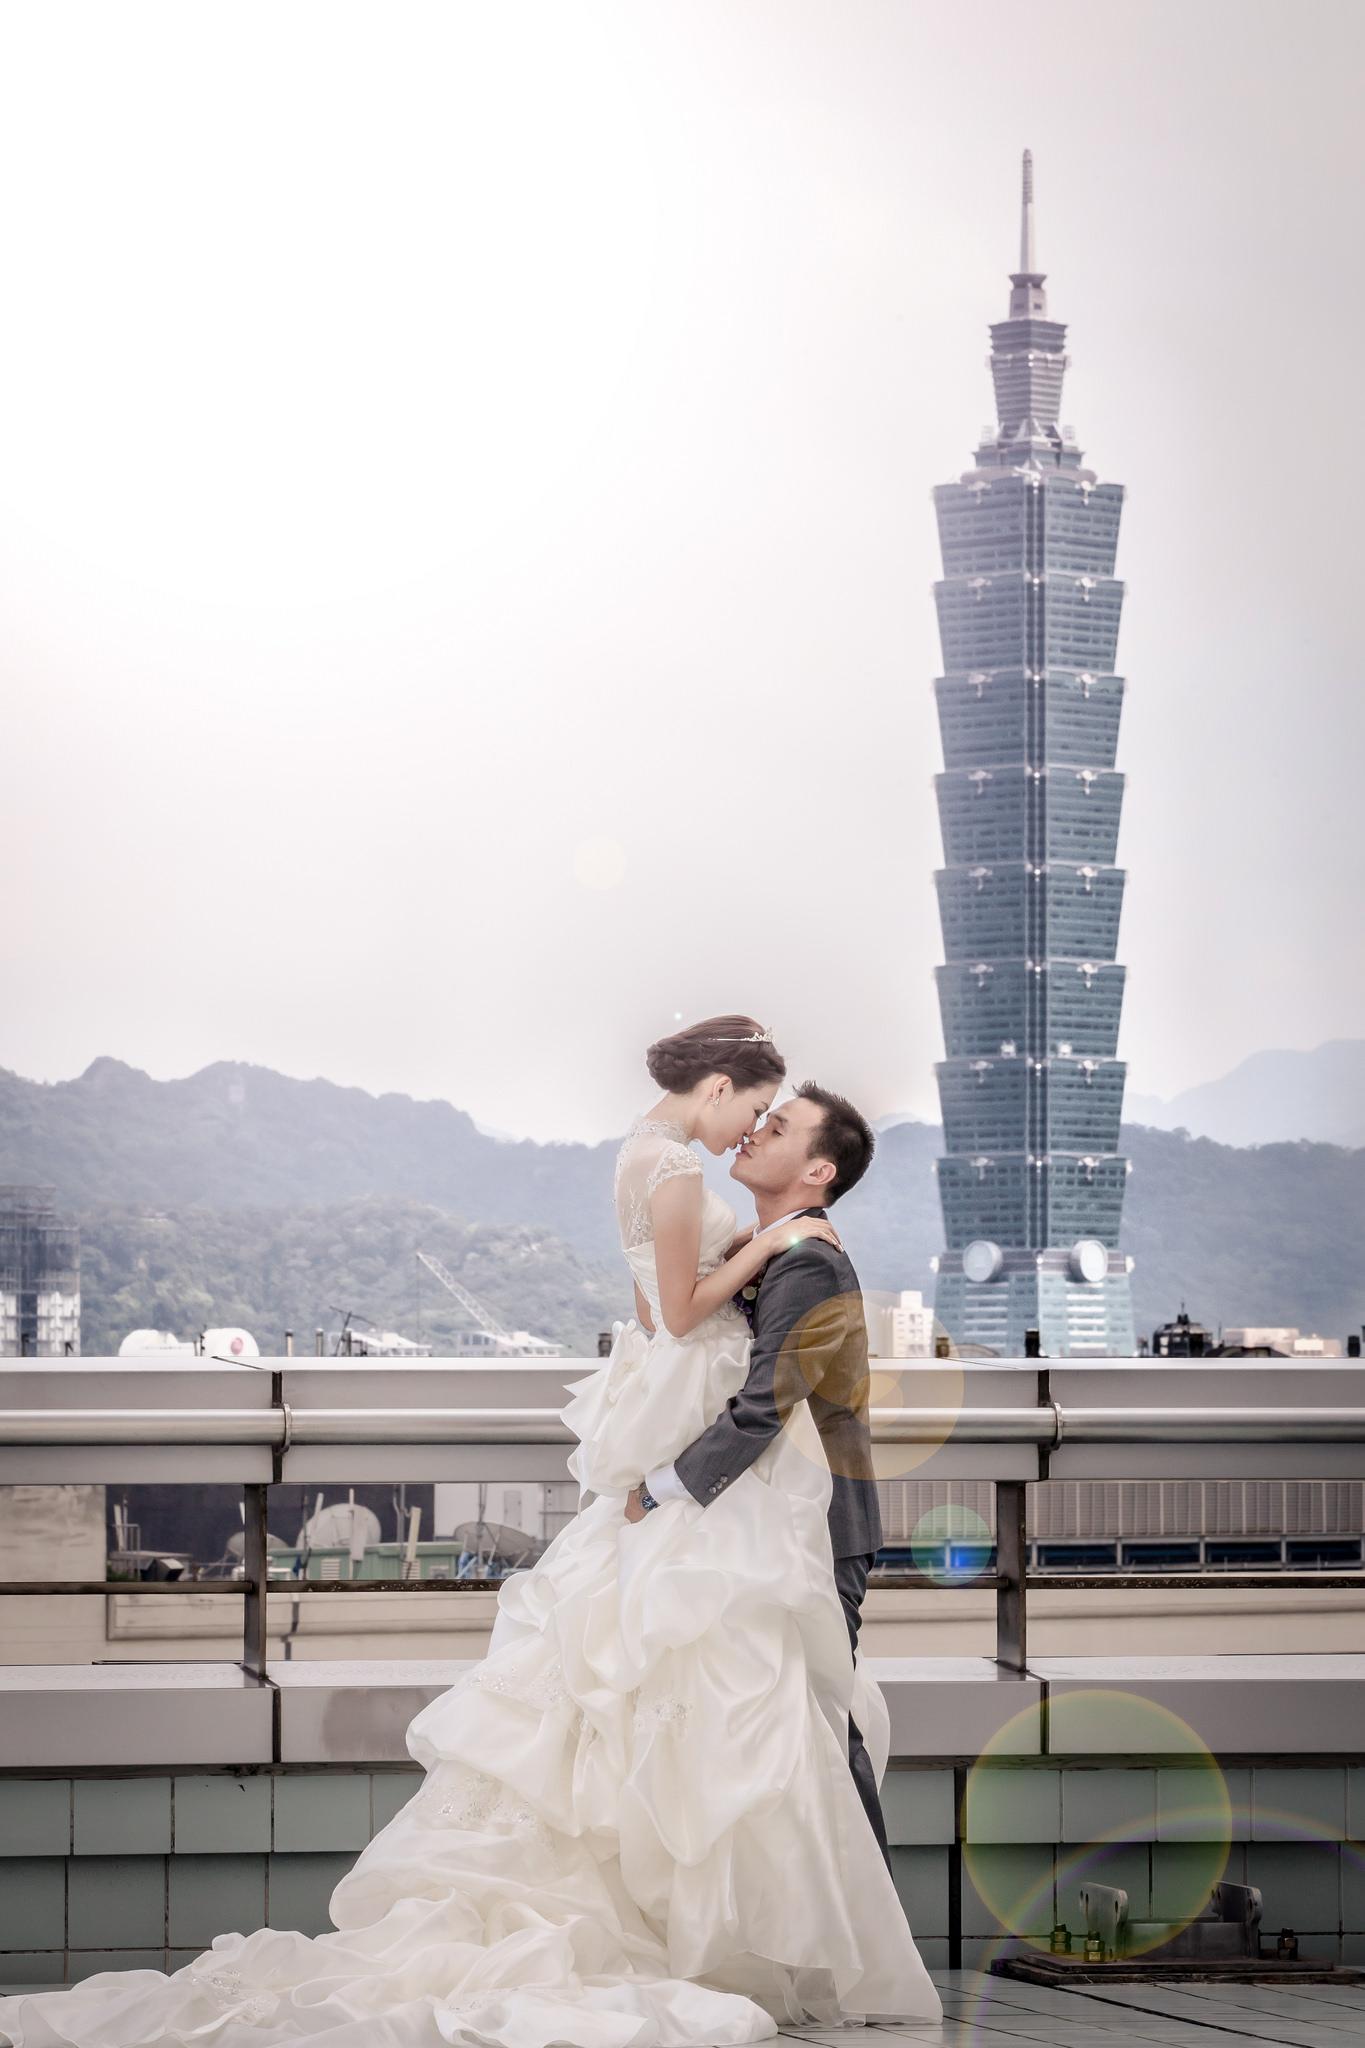 |台北婚攝| 重維&郁婷 婚禮紀錄|大倉久和